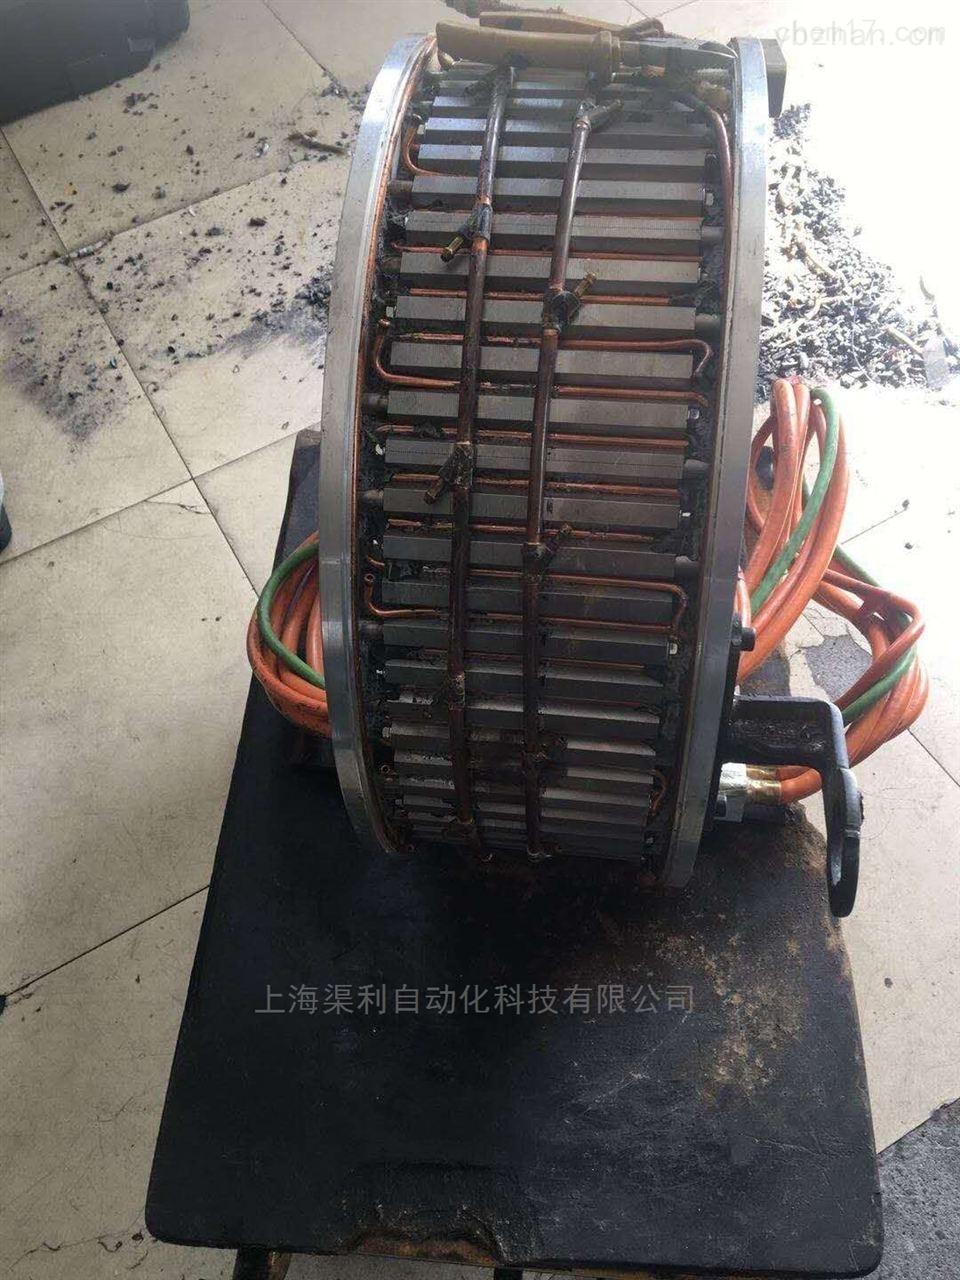 丽水西门子828D系统主轴电机维修公司-当天检测提供维修